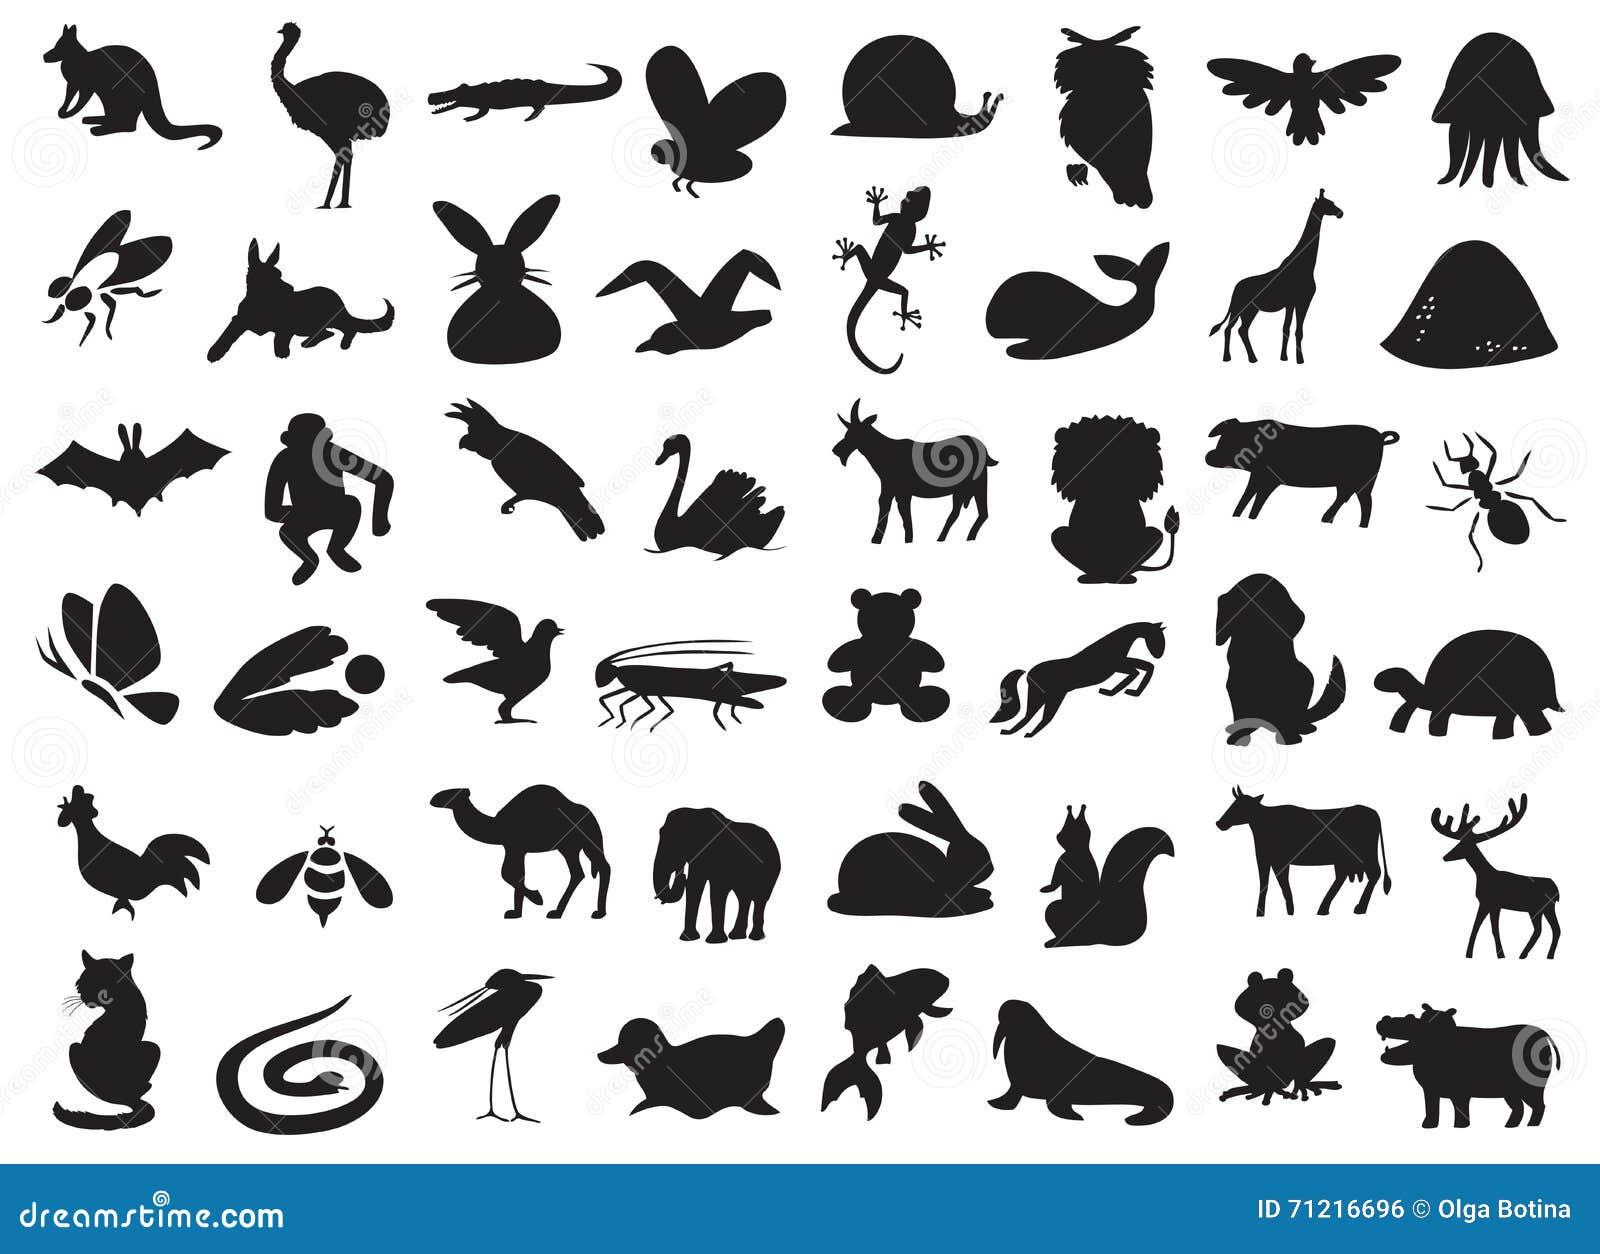 Silueta De Los Animales Salvajes Y Domésticos